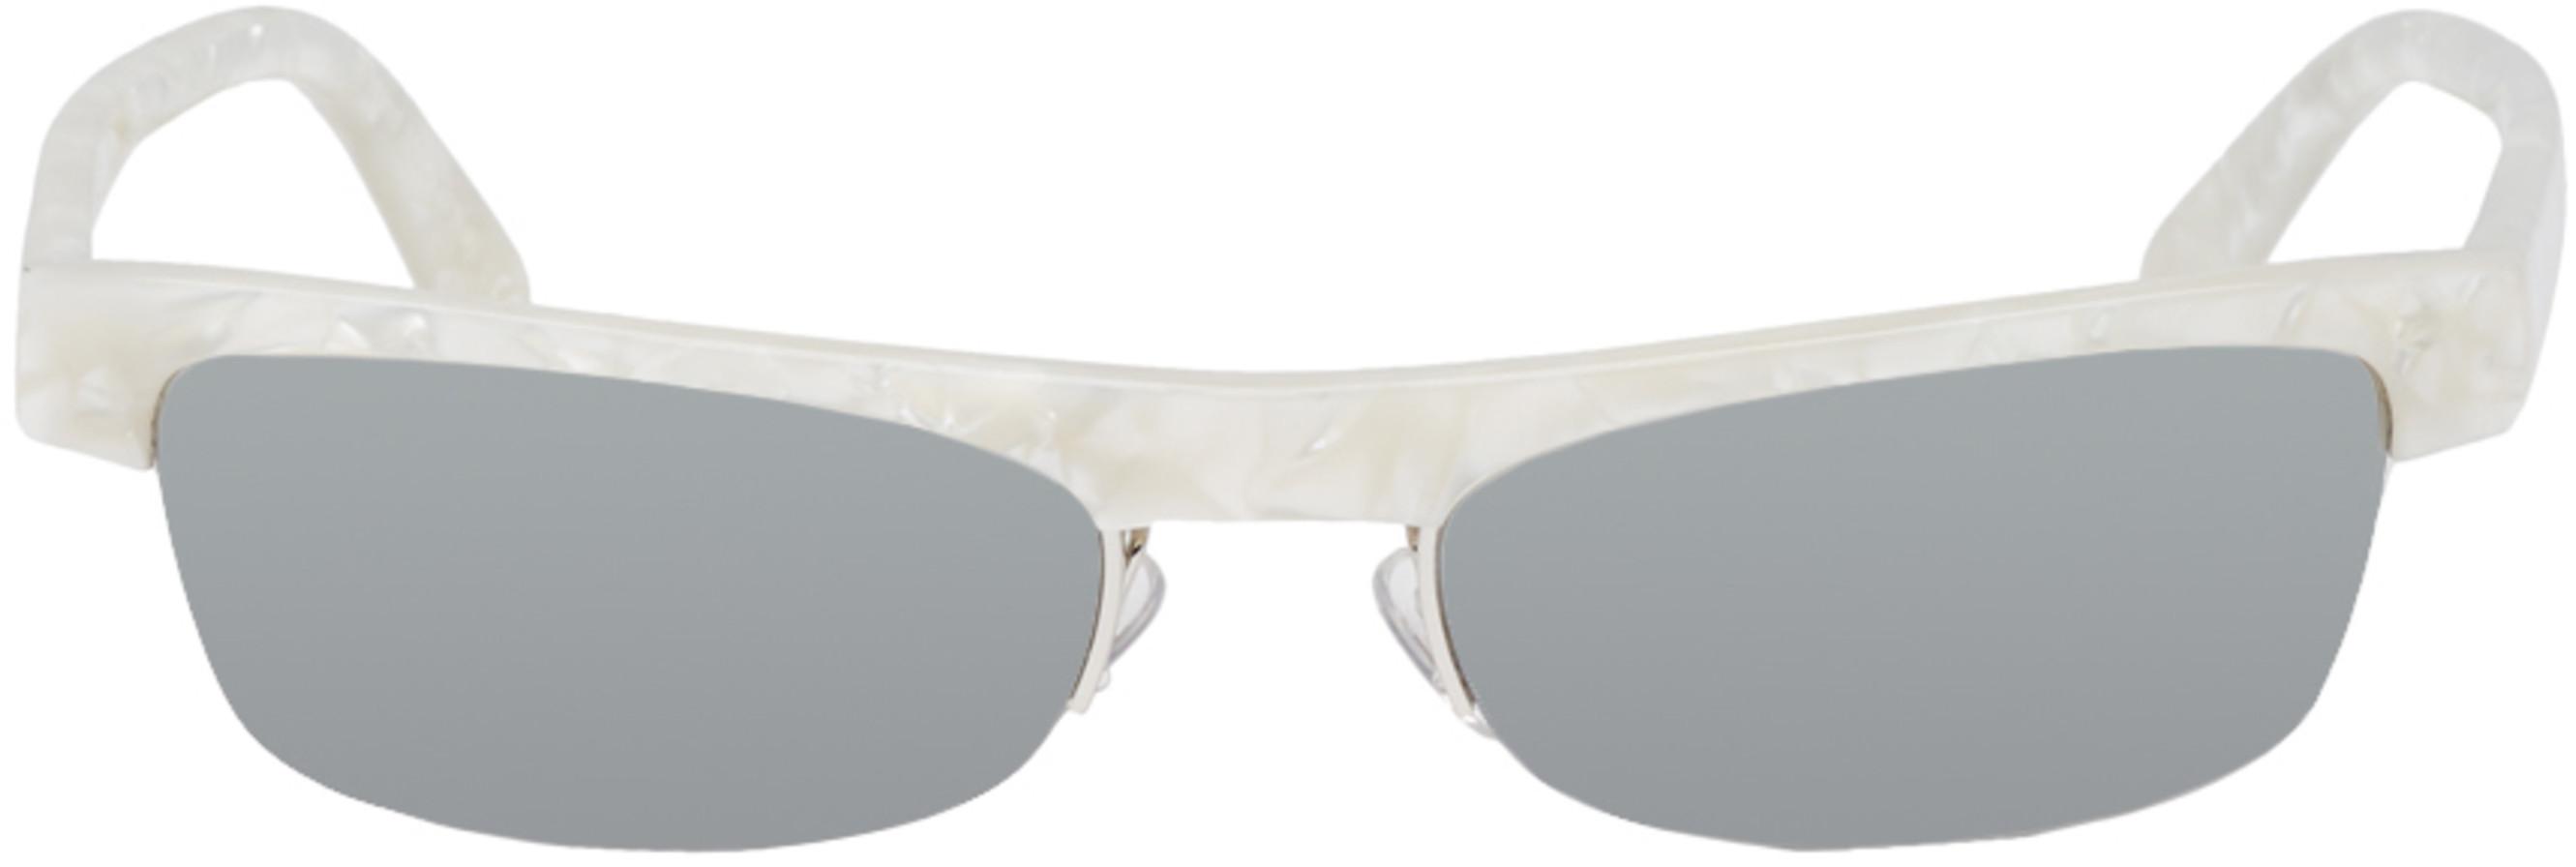 0d9930a803ef Designer sunglasses for Men